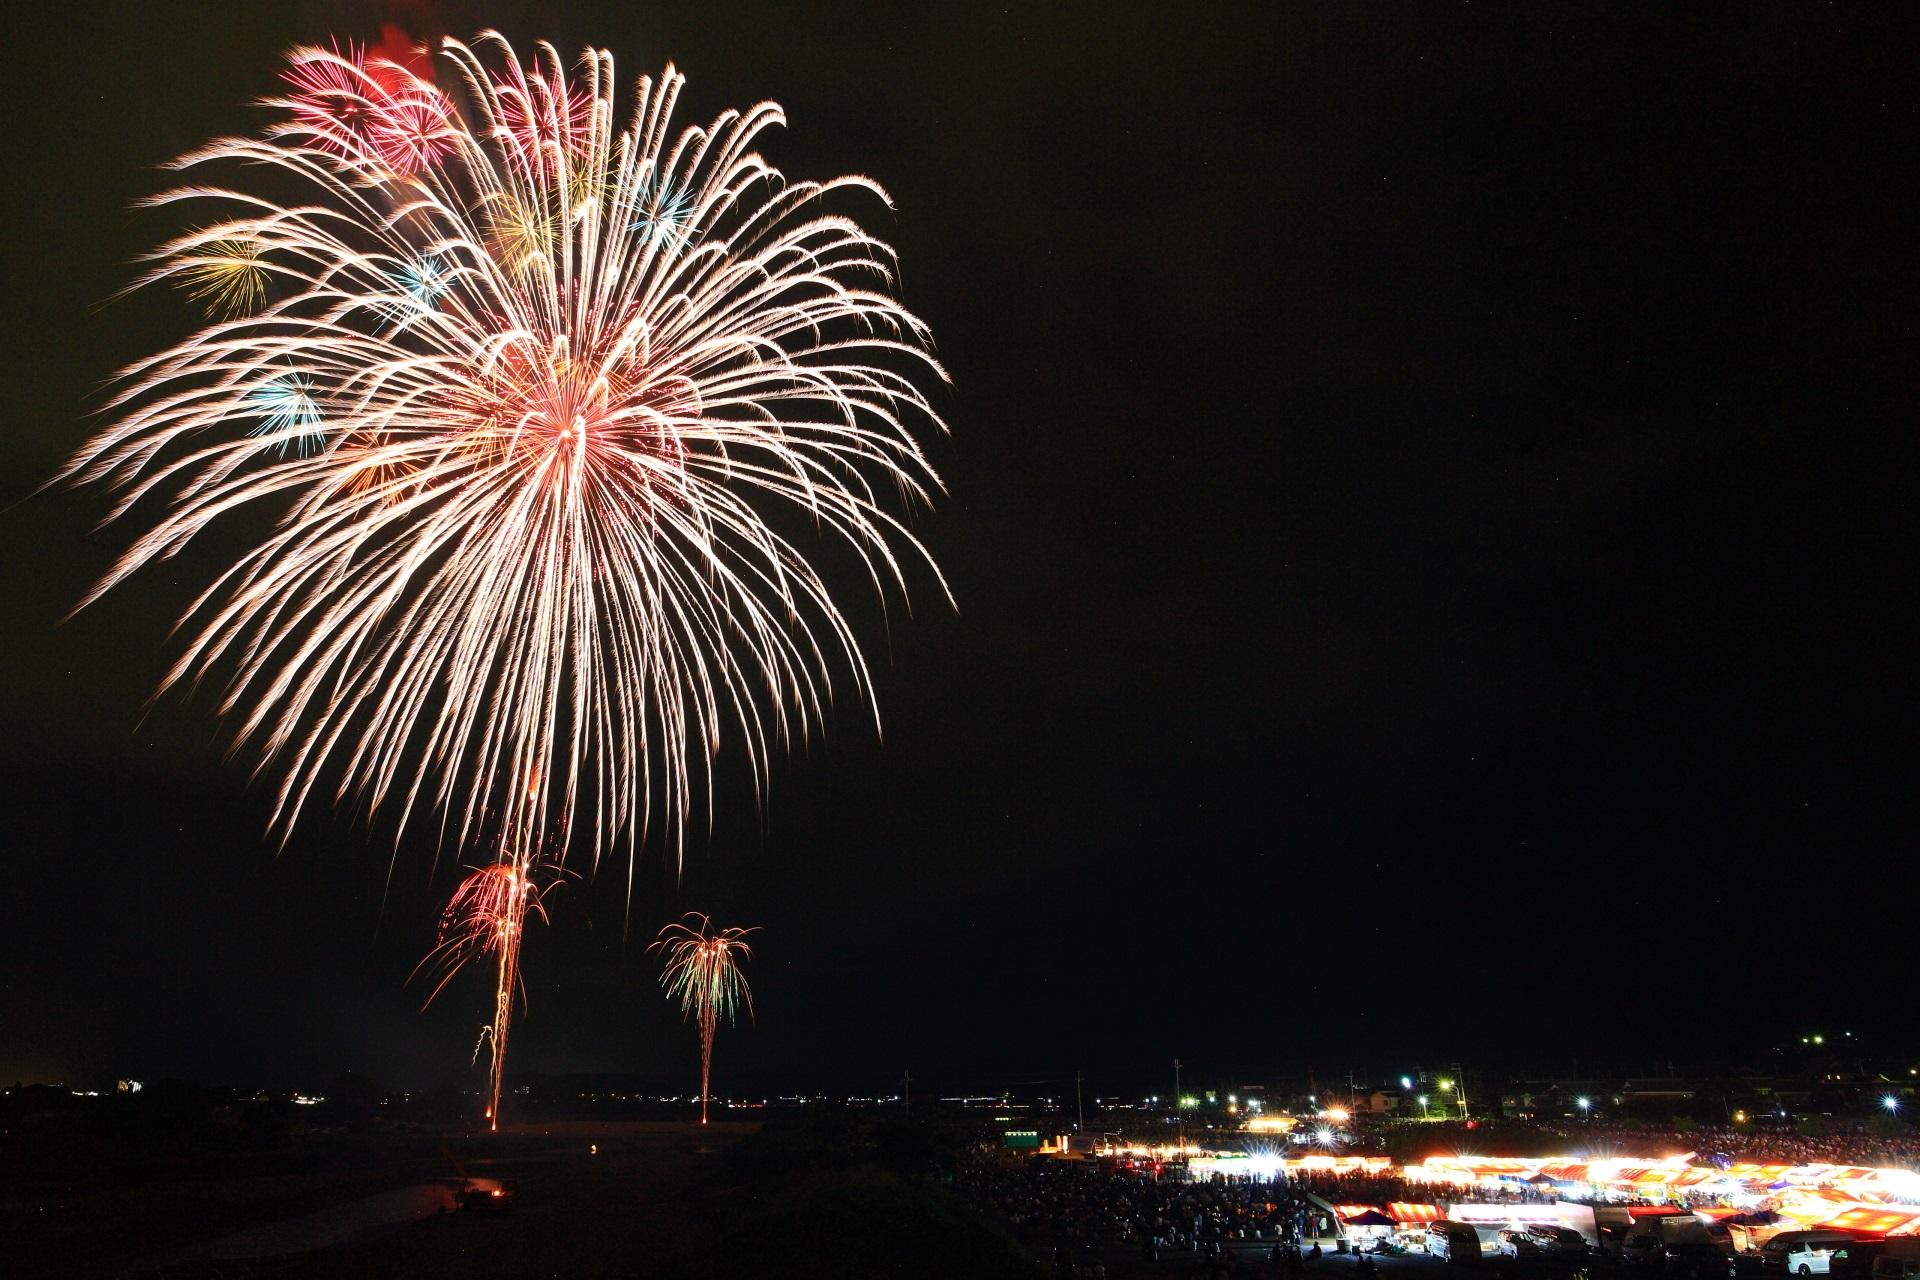 亀岡花火大会の夜空を彩る大輪の花火